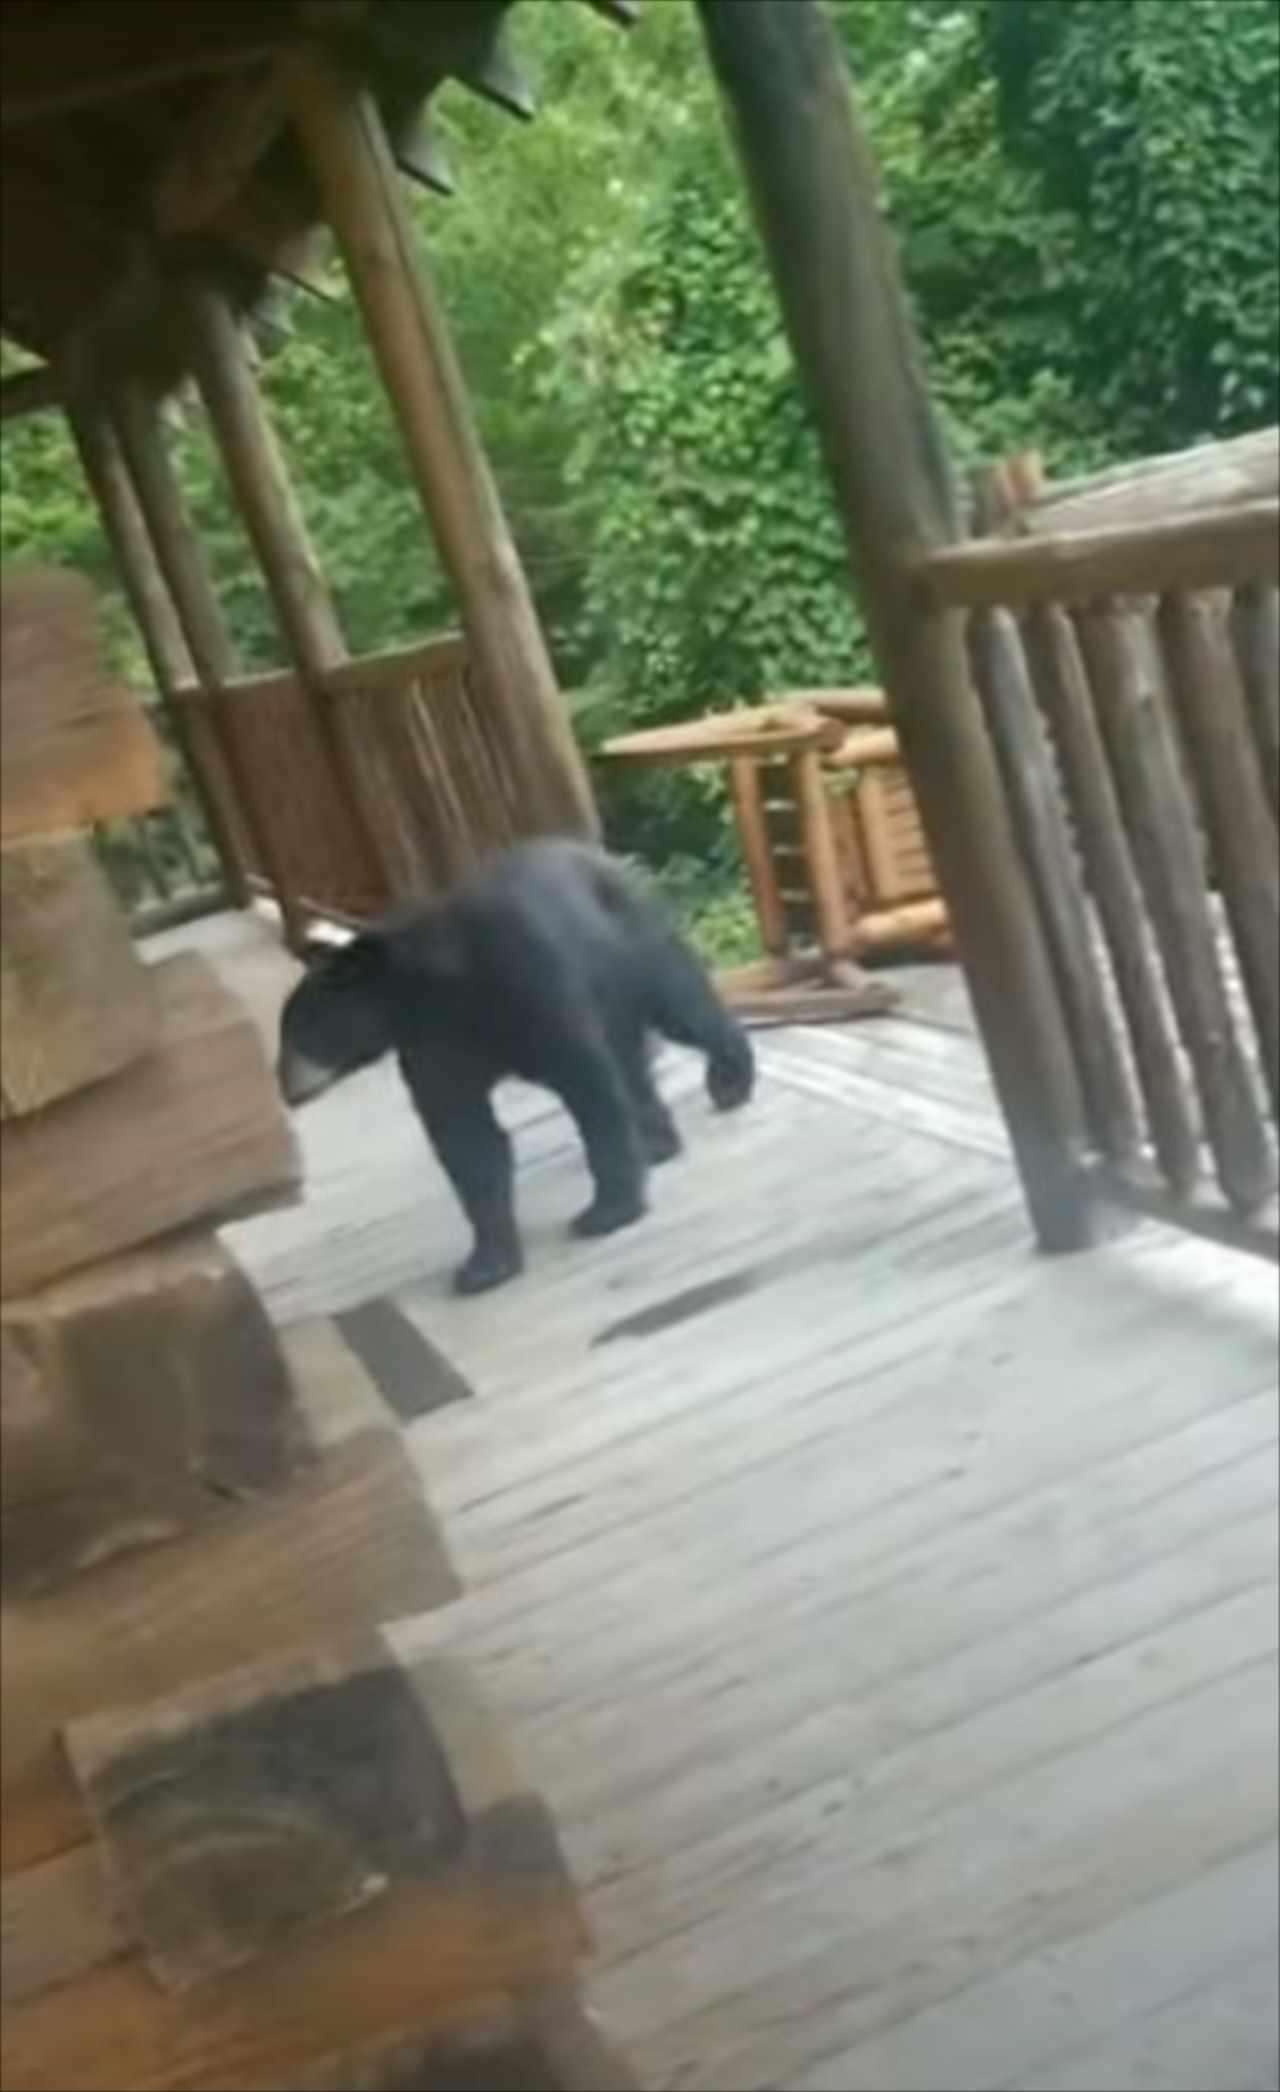 目の前にクマがあらわれた!襲いかかって来る・・・と思いきや、驚きの行動に!